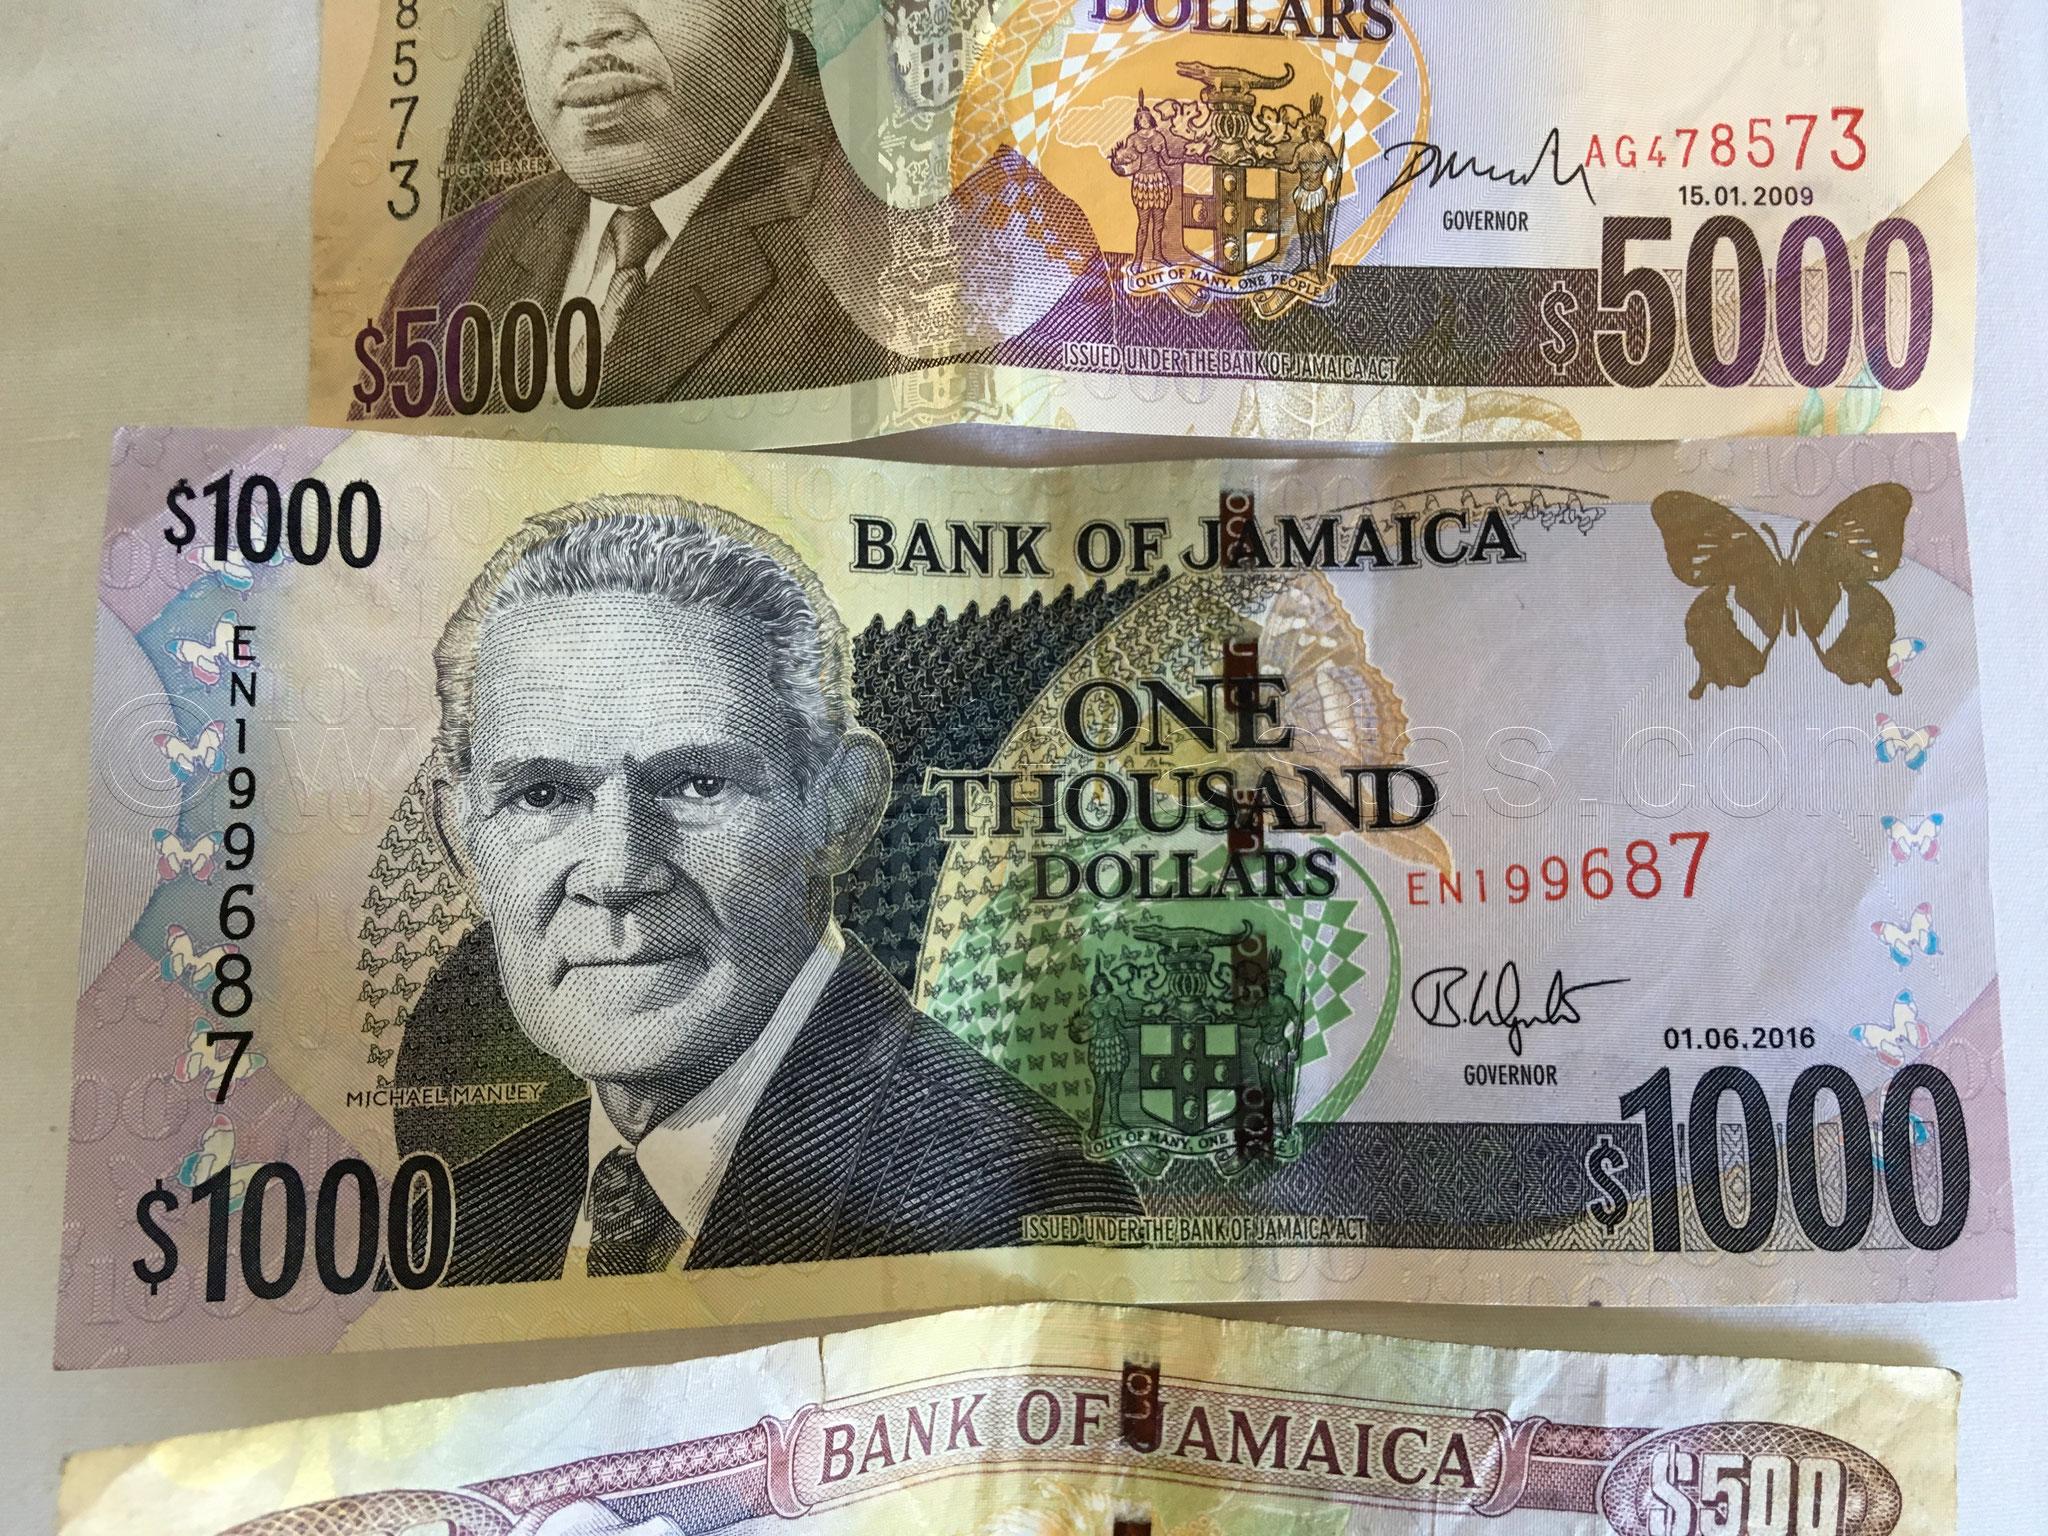 wie kann ich online in jamaika geld verdienen? blackcoin not staking